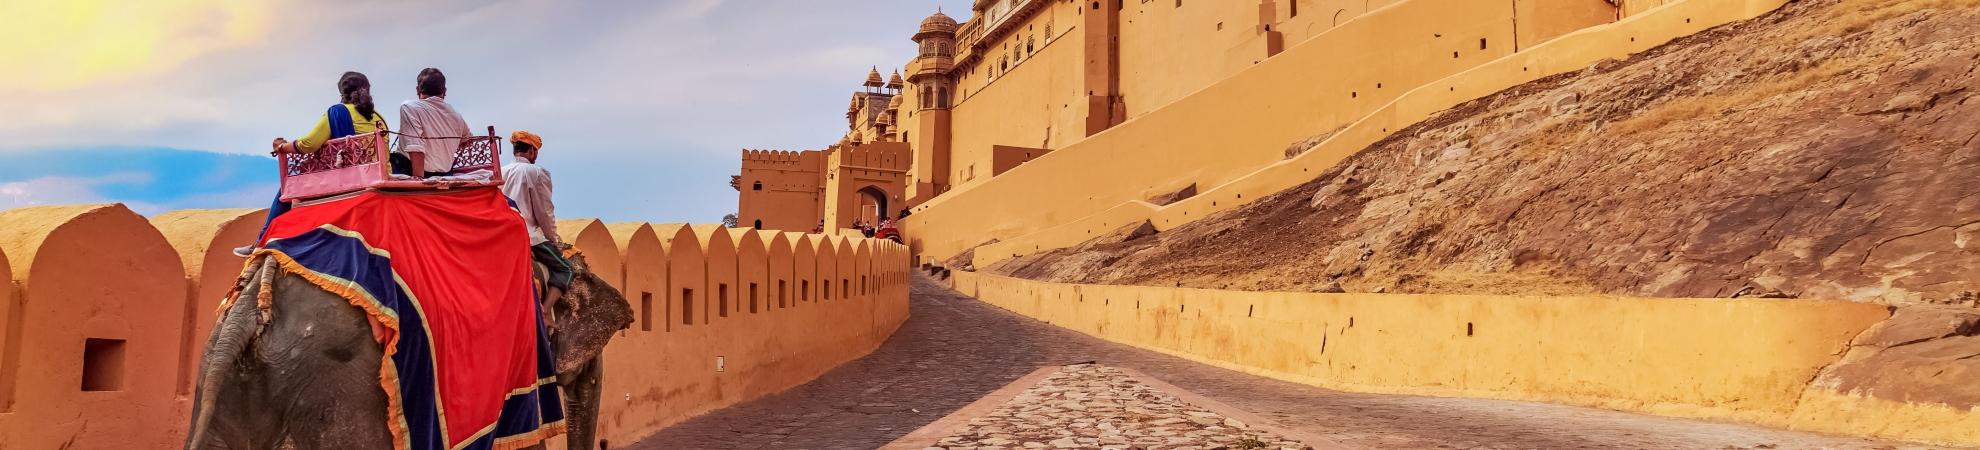 Circuit Rajasthan